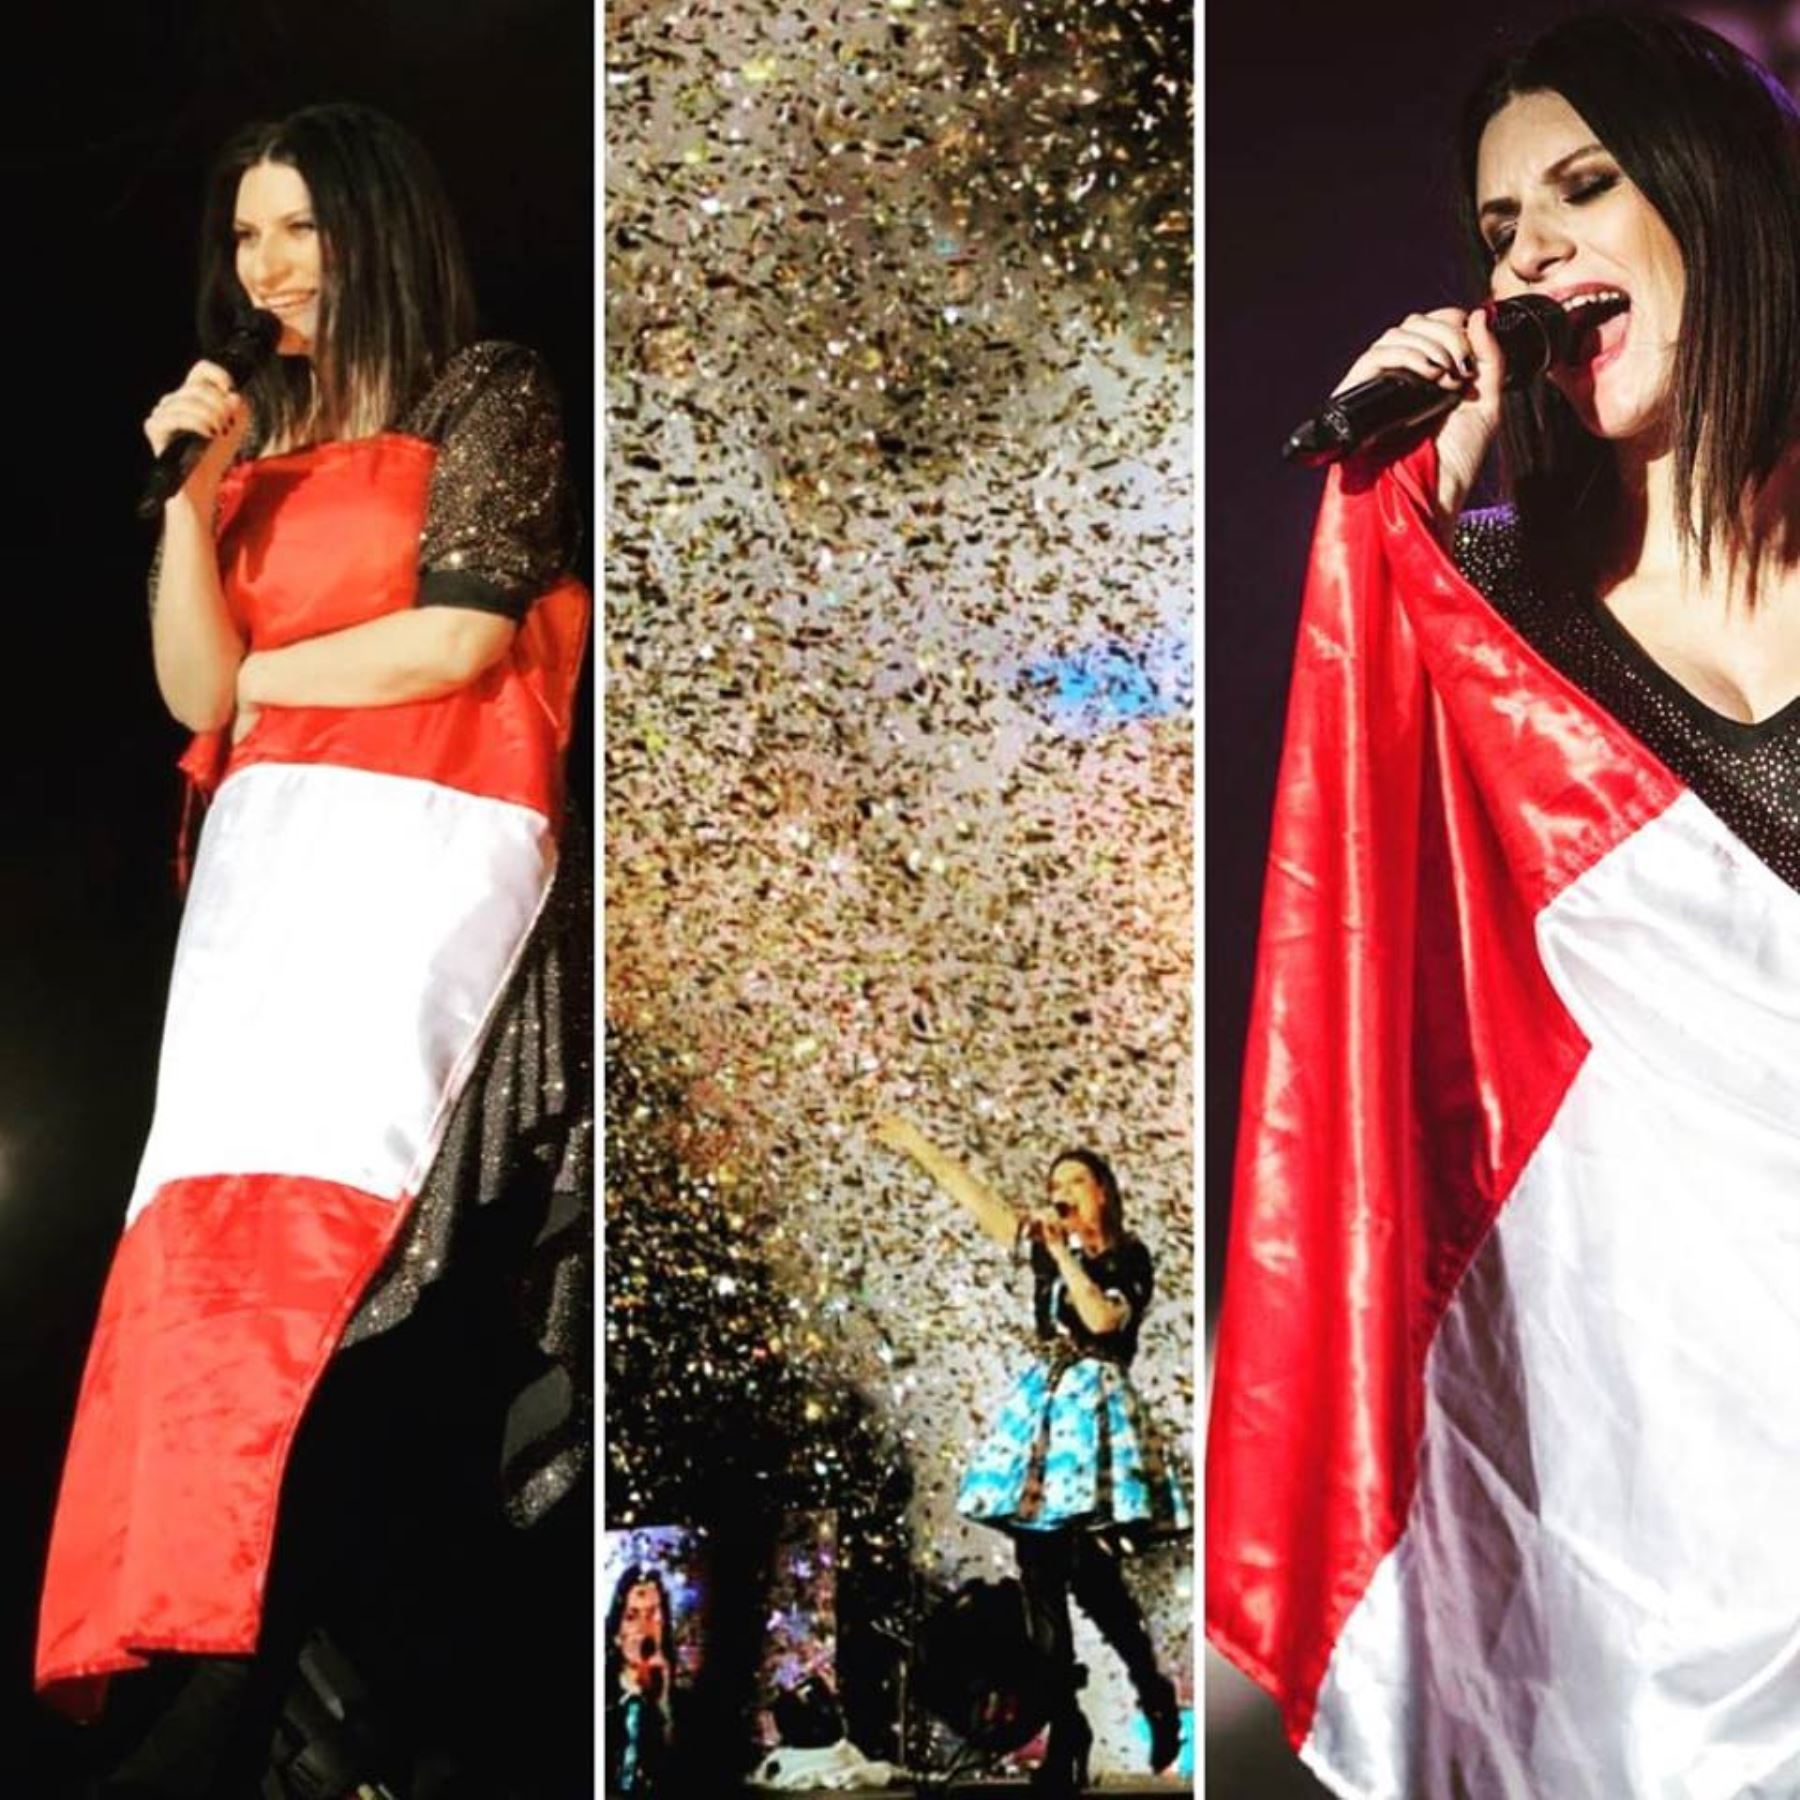 Laura Pausini no dudó en abrazar la Bandera peruana como señal de agradecimiento al pueblo peruano.